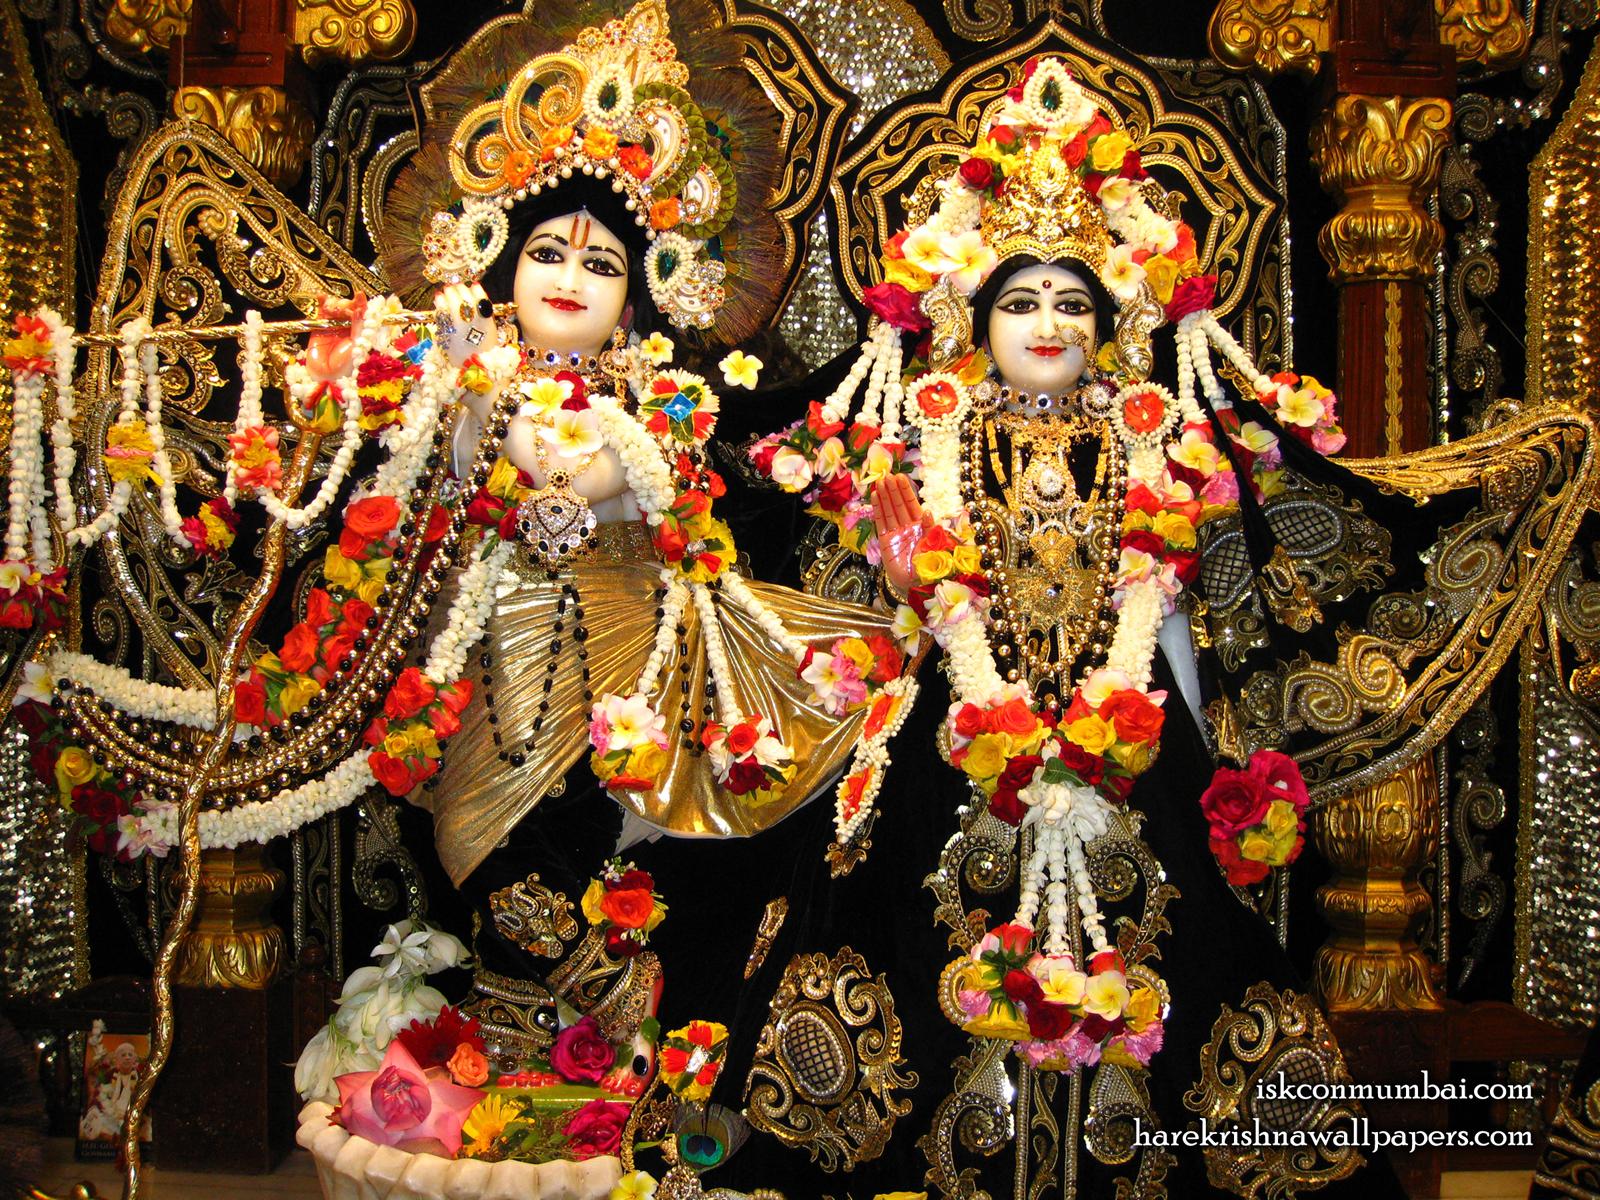 Sri Sri Radha Rasabihari Wallpaper (008) Size1600x1200 Download